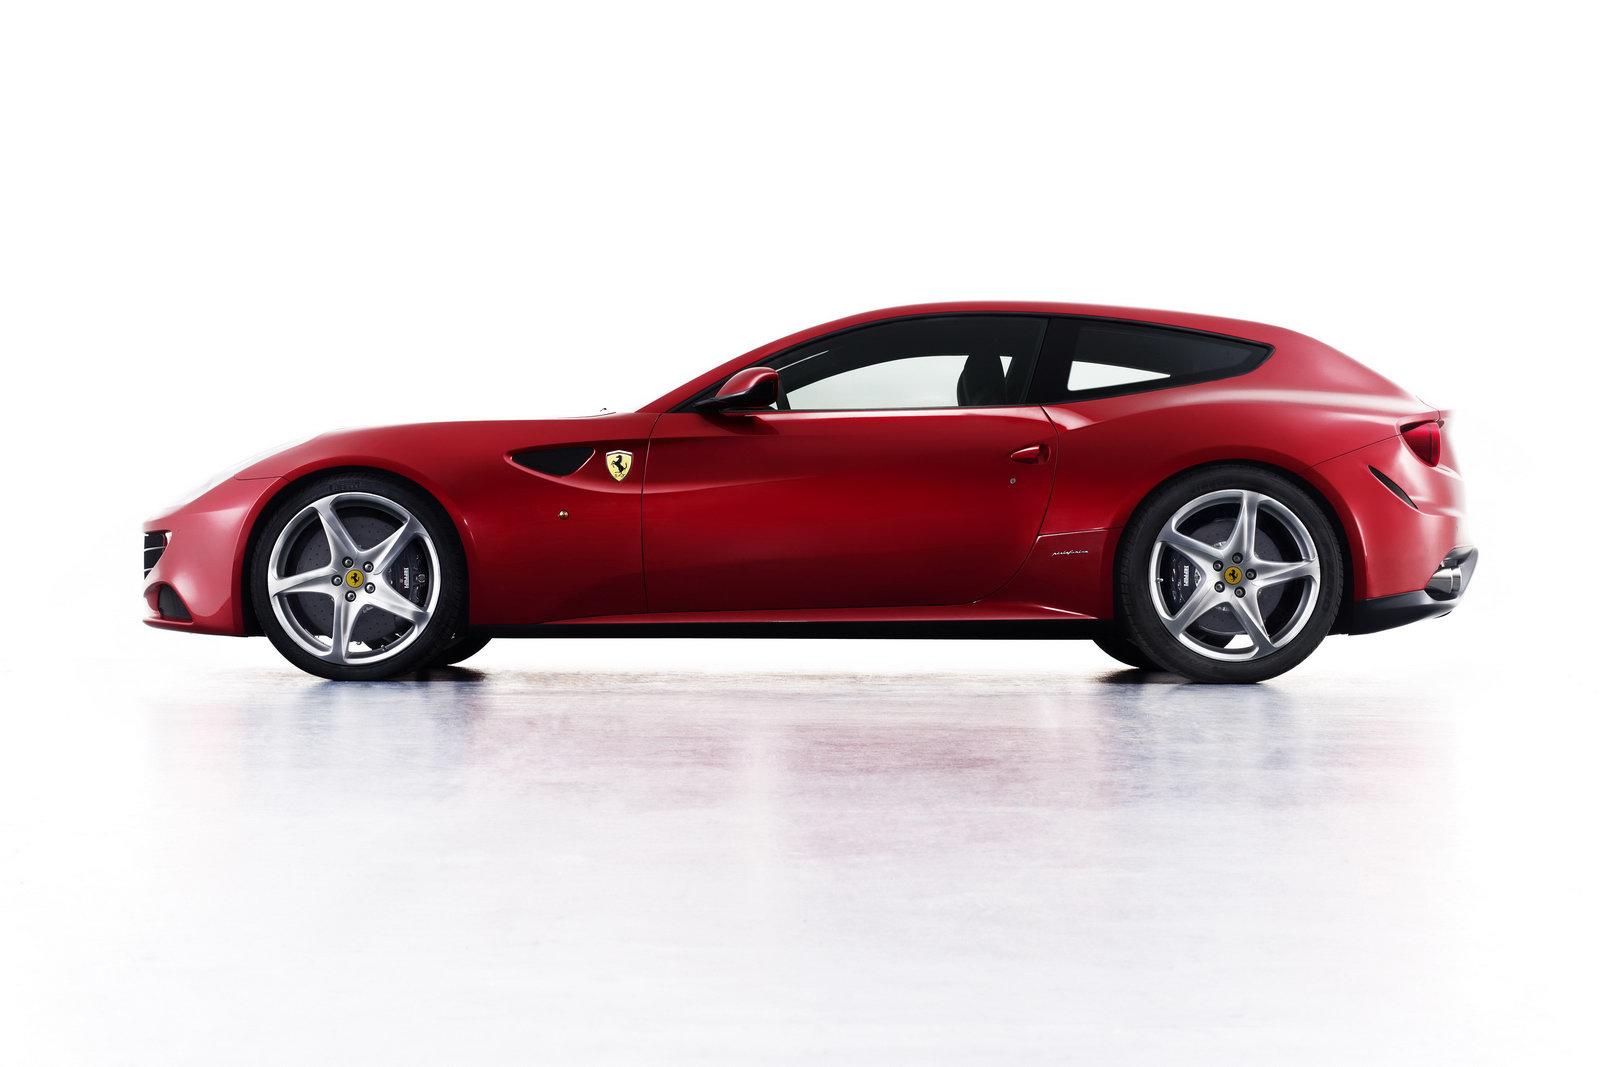 http://1.bp.blogspot.com/-MKeZK5RL5nU/TXDVF8371kI/AAAAAAAADGY/gGNVakePZoE/s1600/Ferrari_FF_wallpapers.jpg